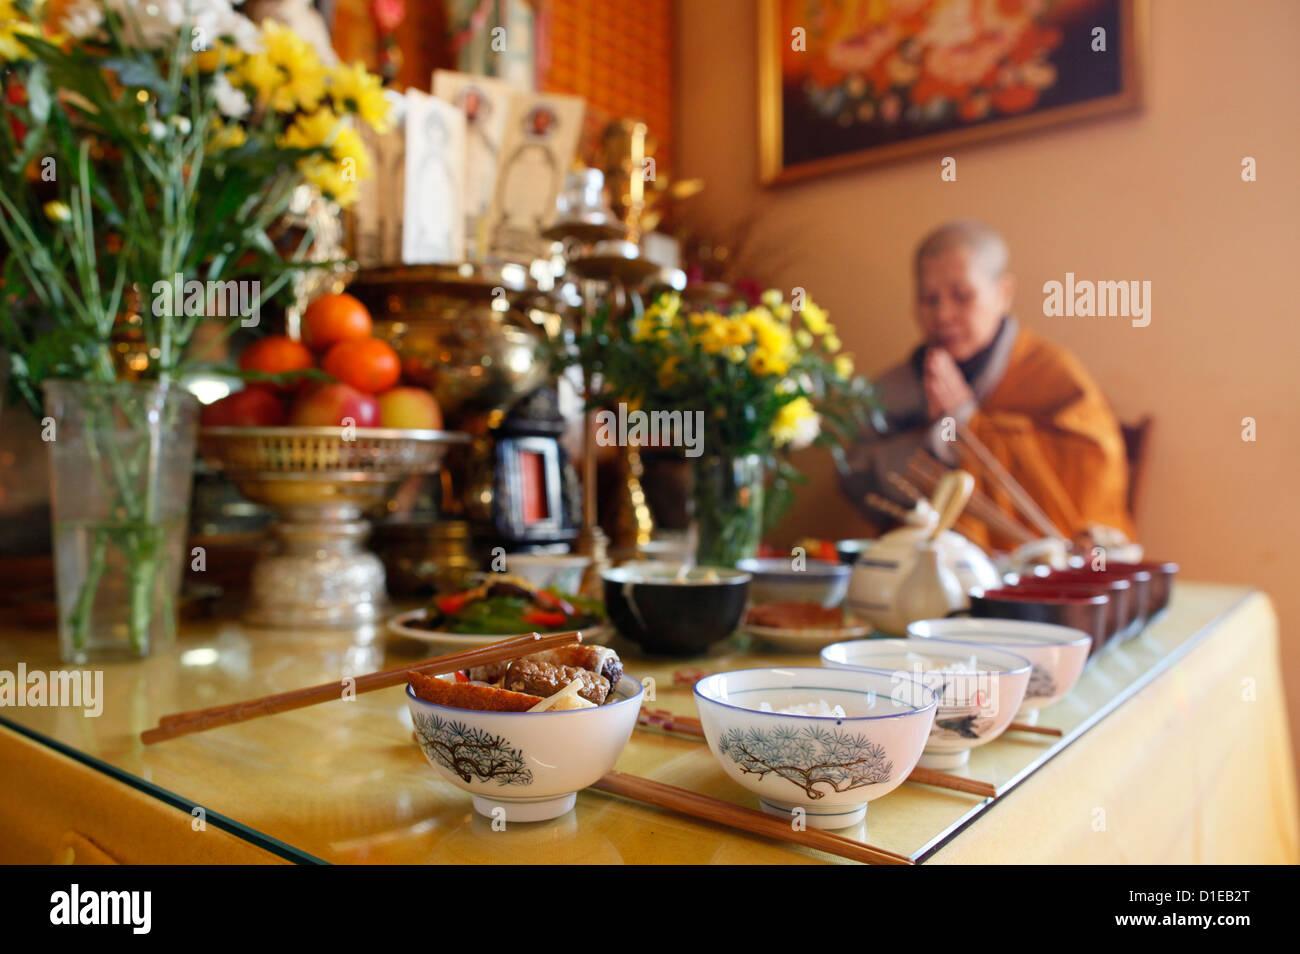 Buddhist ceremony, Ancestors' altar, Tu An Buddhist temple, Saint-Pierre-en-Faucigny, Haute Savoie, France, - Stock Image